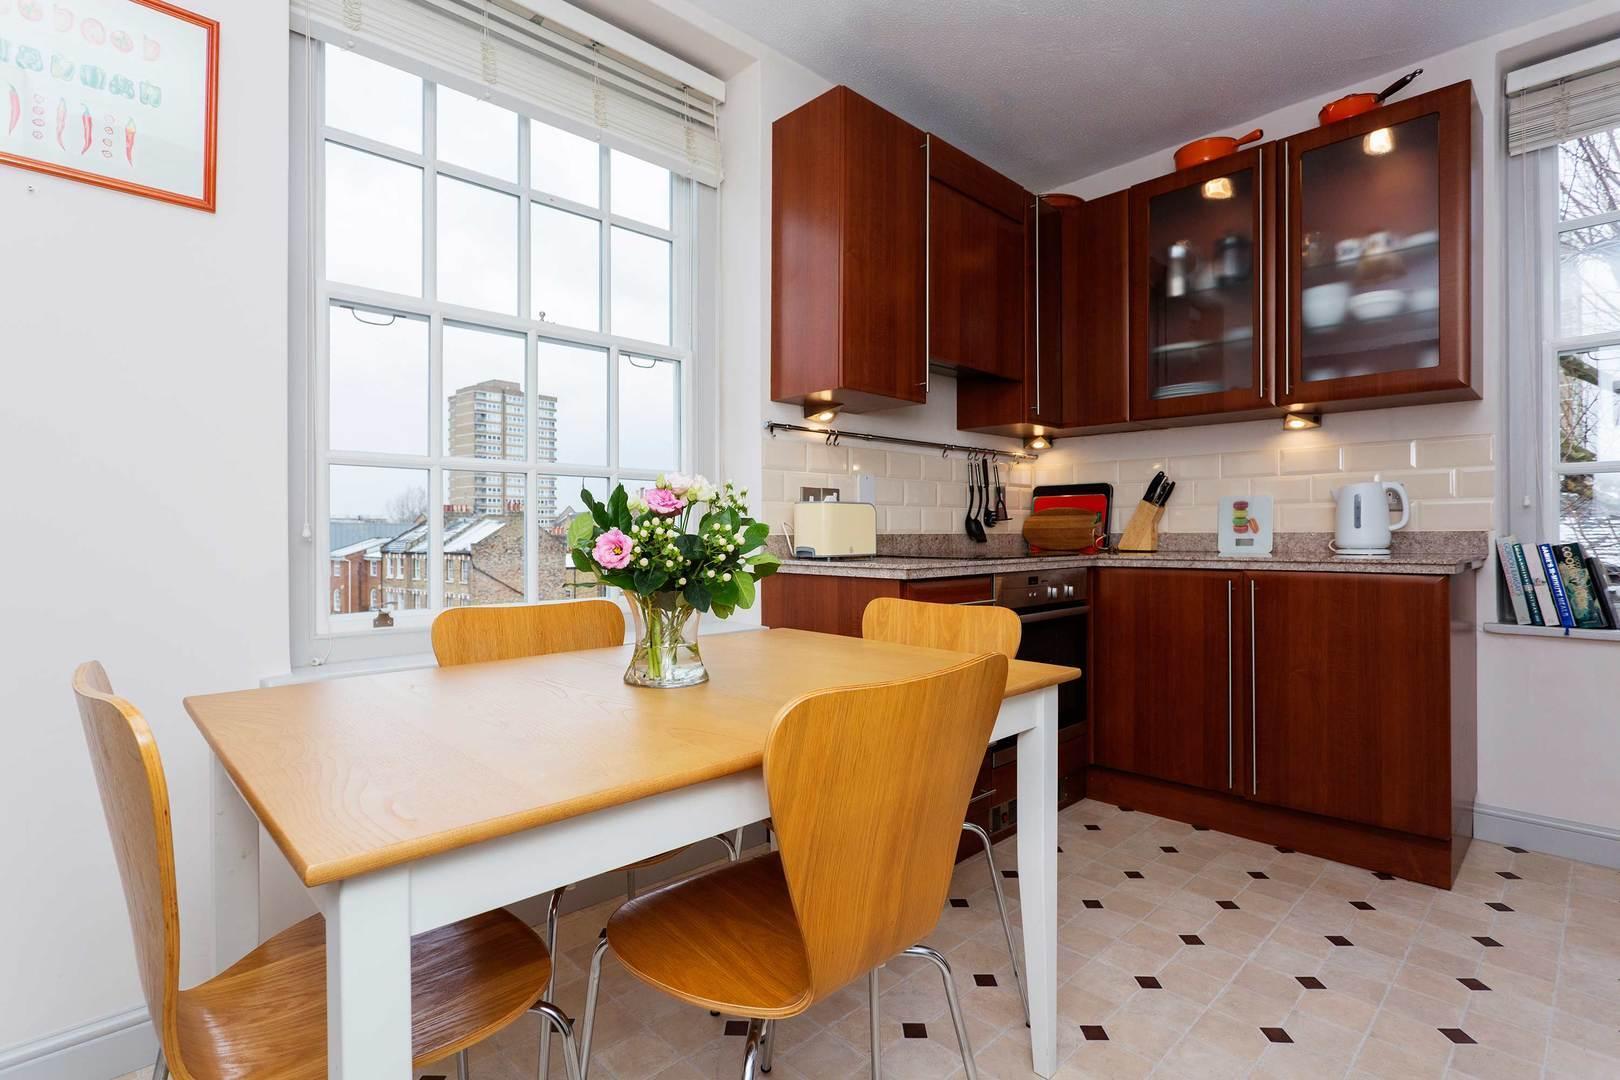 Whitehouse Apartment